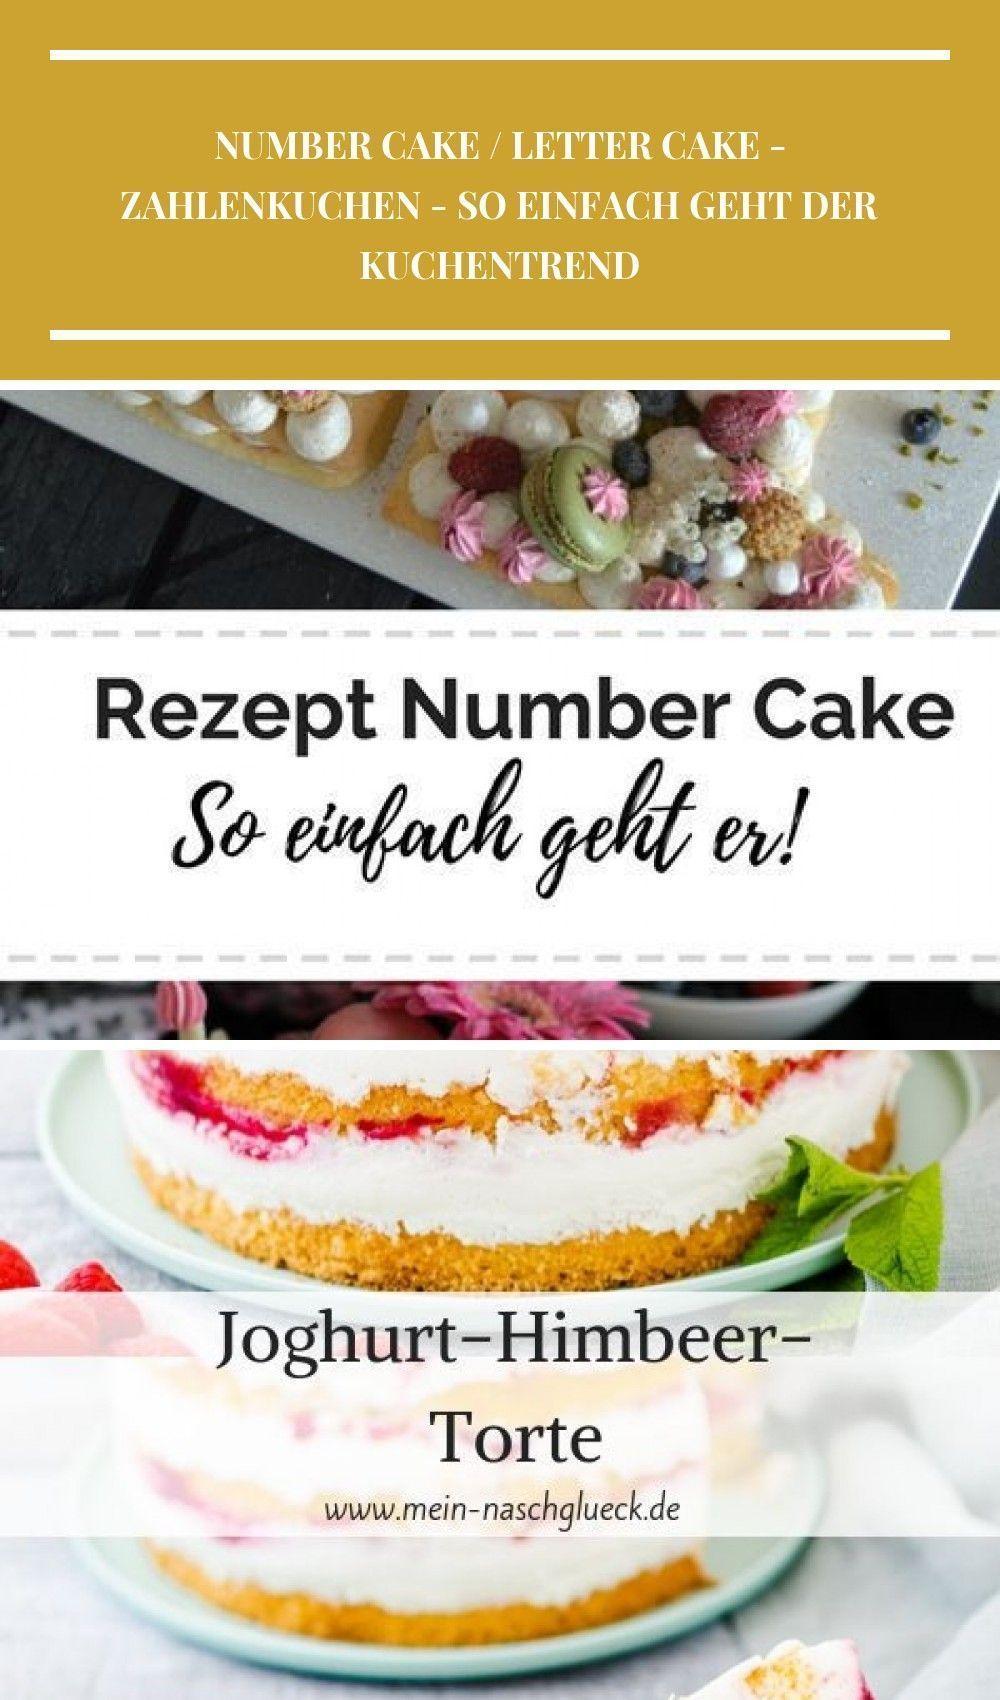 So geht der neue Kuchentrend Number Cake / Letter Cake. Auf meinem Blog habe ich das Rezept sowie Tipps wie man ohne Verschnitt die Zahlen mit Biskuit backen kann. Der Zahlenkuchen ist der Hit auf jedem Geburtstag. #numbercake #rezept #lettercake backen kuchen Number Cake / Letter Cake - Zahlenkuchen - so einfach geht der Kuchentrend #lettercakegeburtstag So geht der neue Kuchentrend Number Cake / Letter Cake. Auf meinem Blog habe ich das Rezept sowie Tipps wie man ohne Verschnitt die Zahlen mit #lettercakegeburtstag